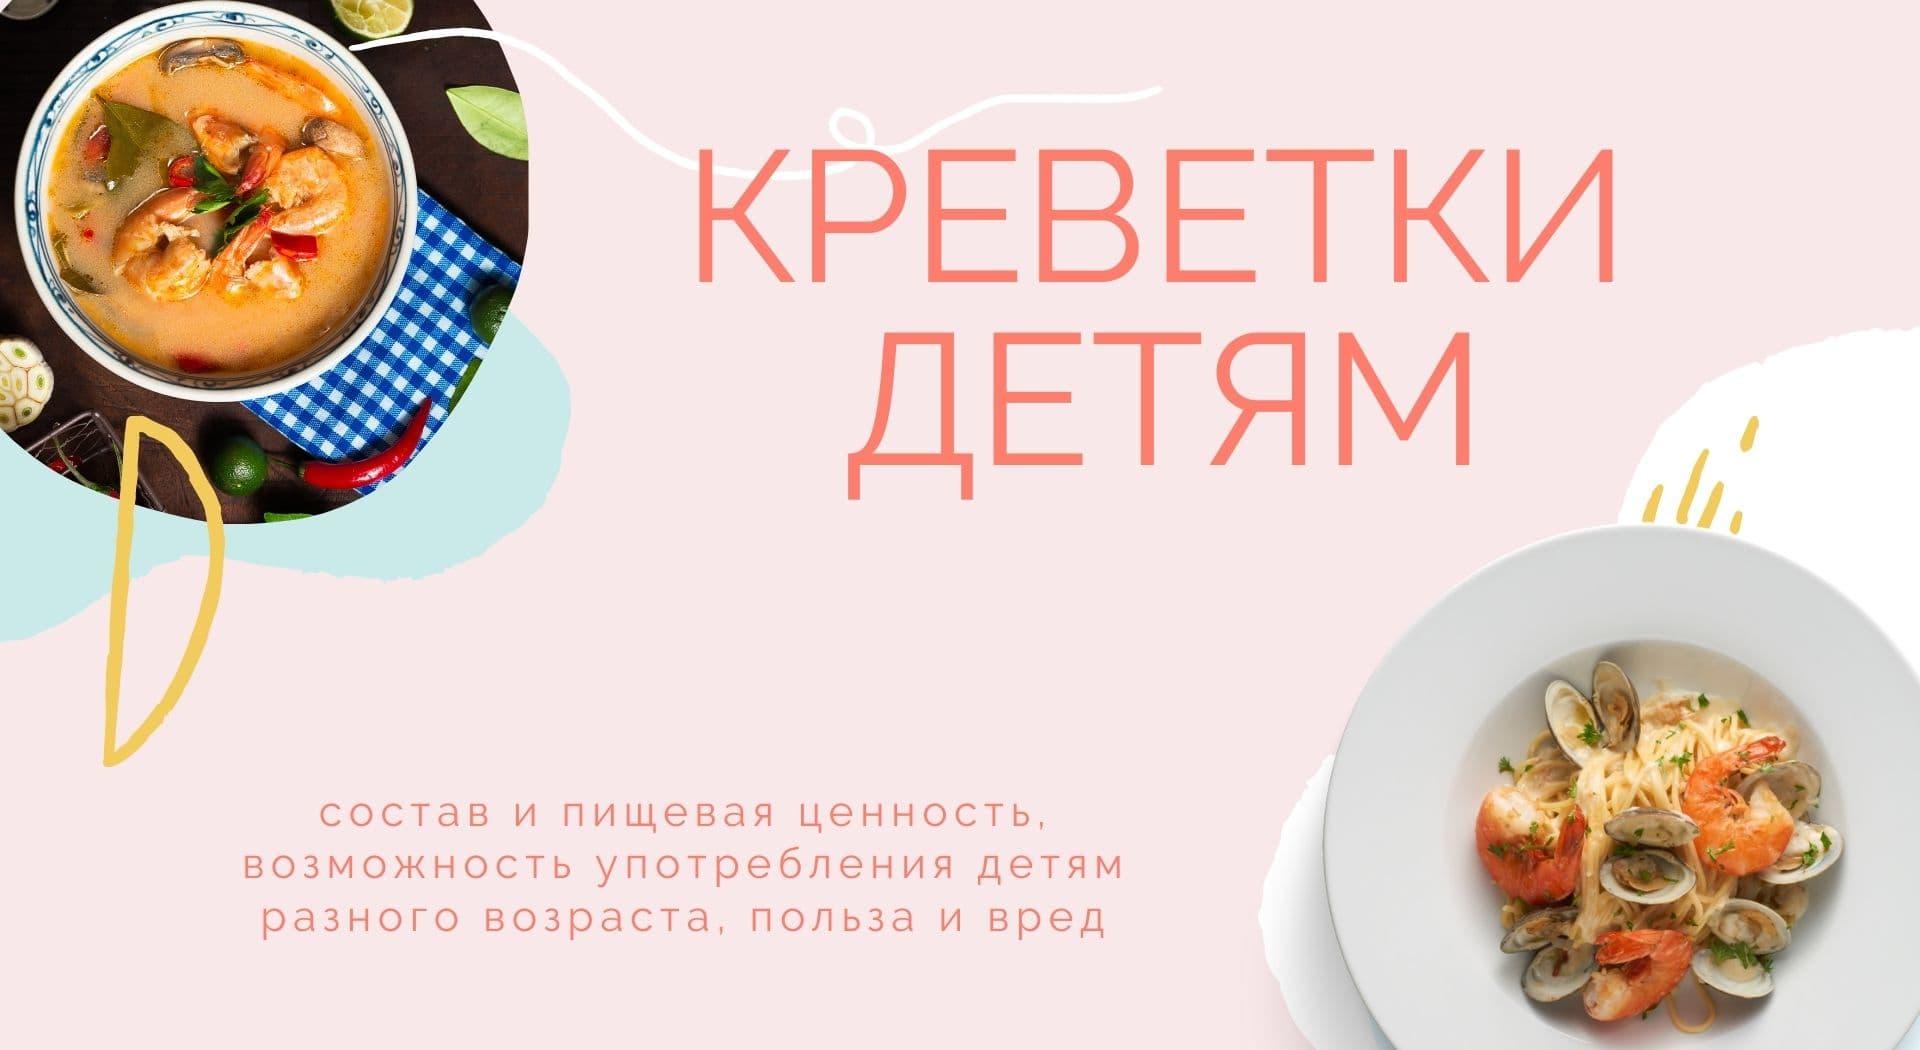 Креветки детям: состав и пищевая ценность, возможность употребления детям разного возраста, польза и вред